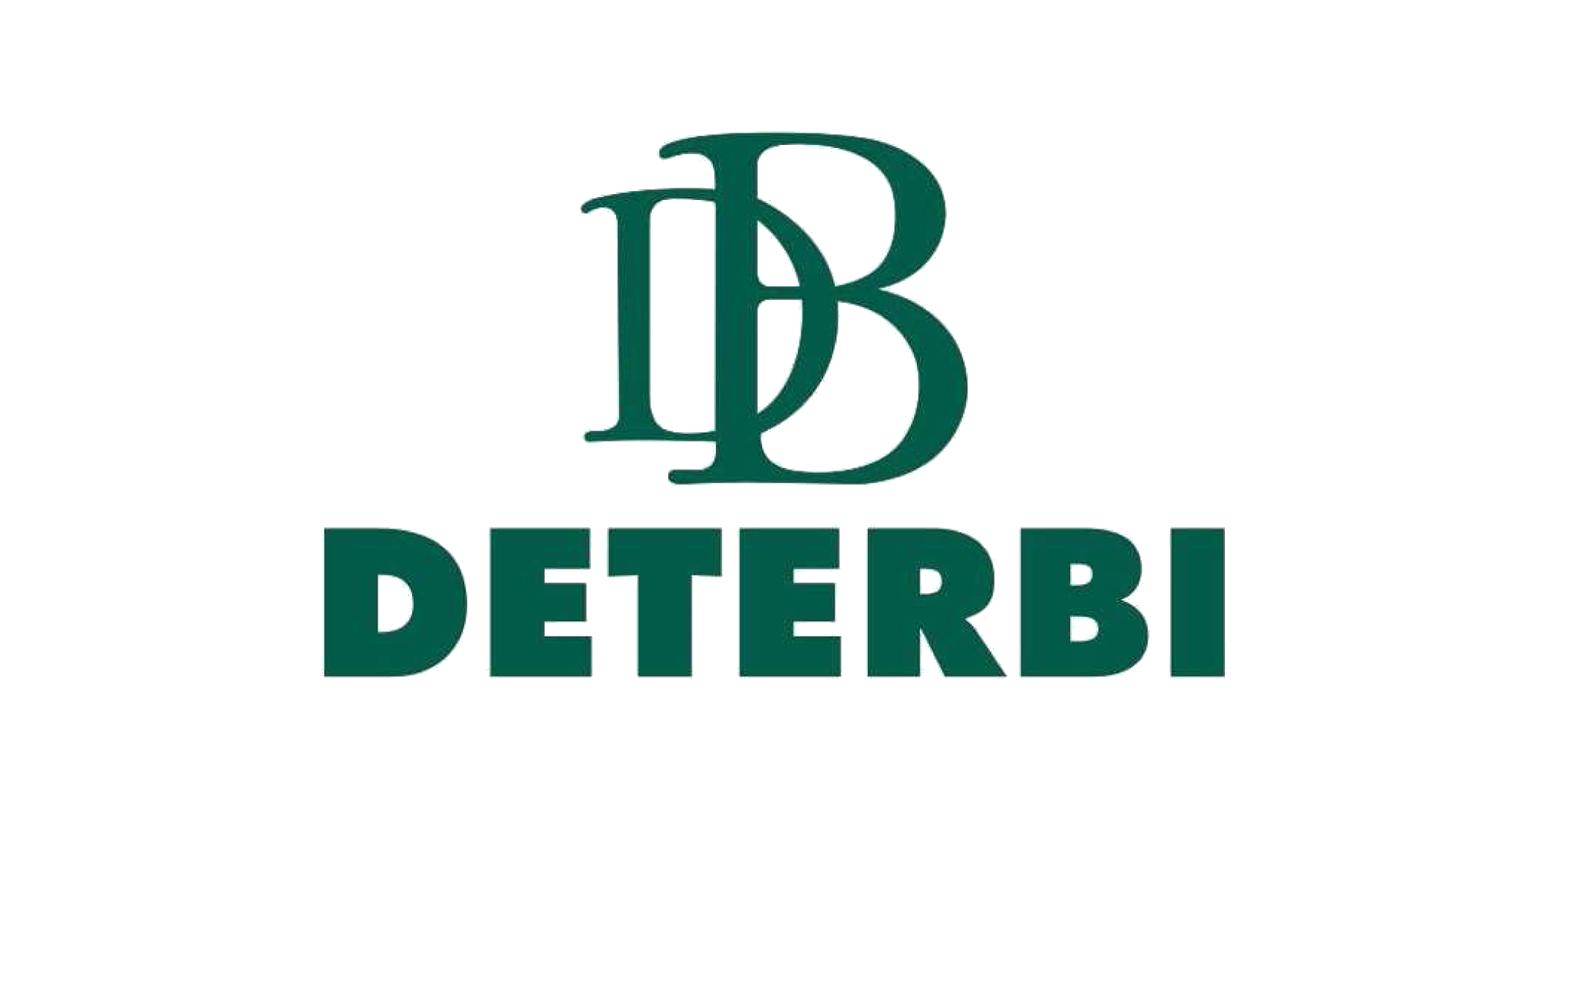 DETERBI